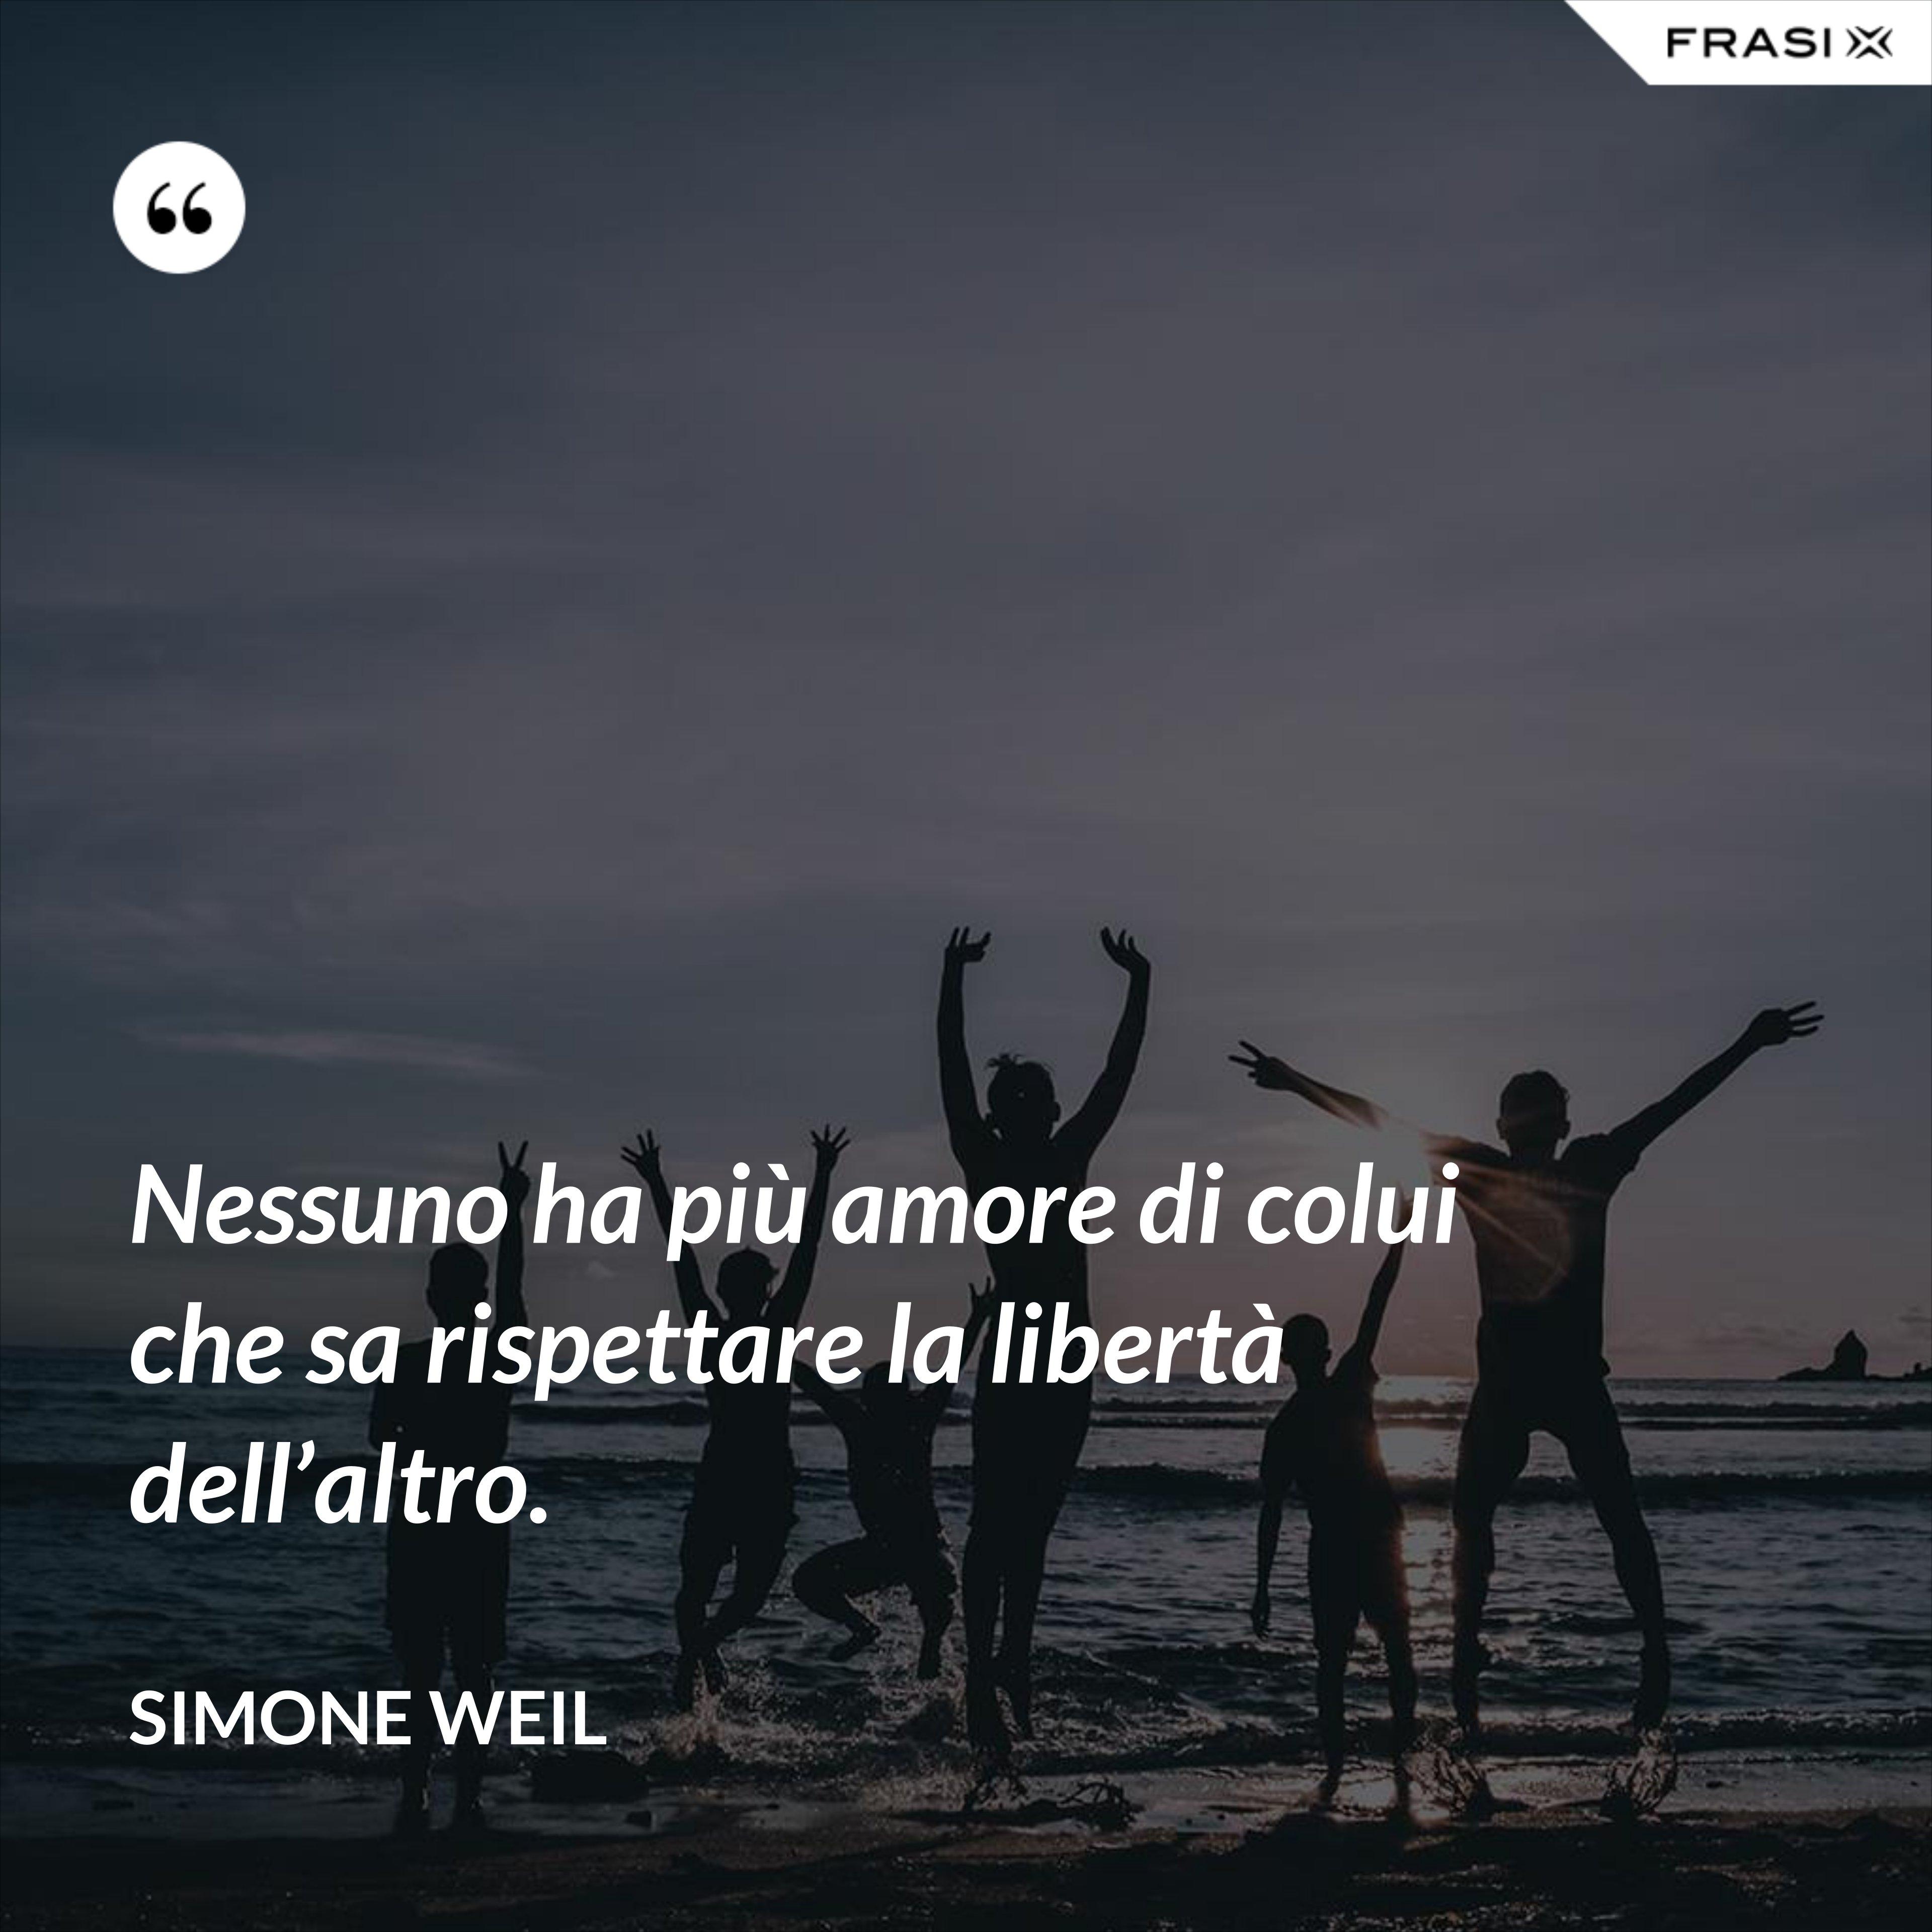 Nessuno ha più amore di colui che sa rispettare la libertà dell'altro. - Simone Weil